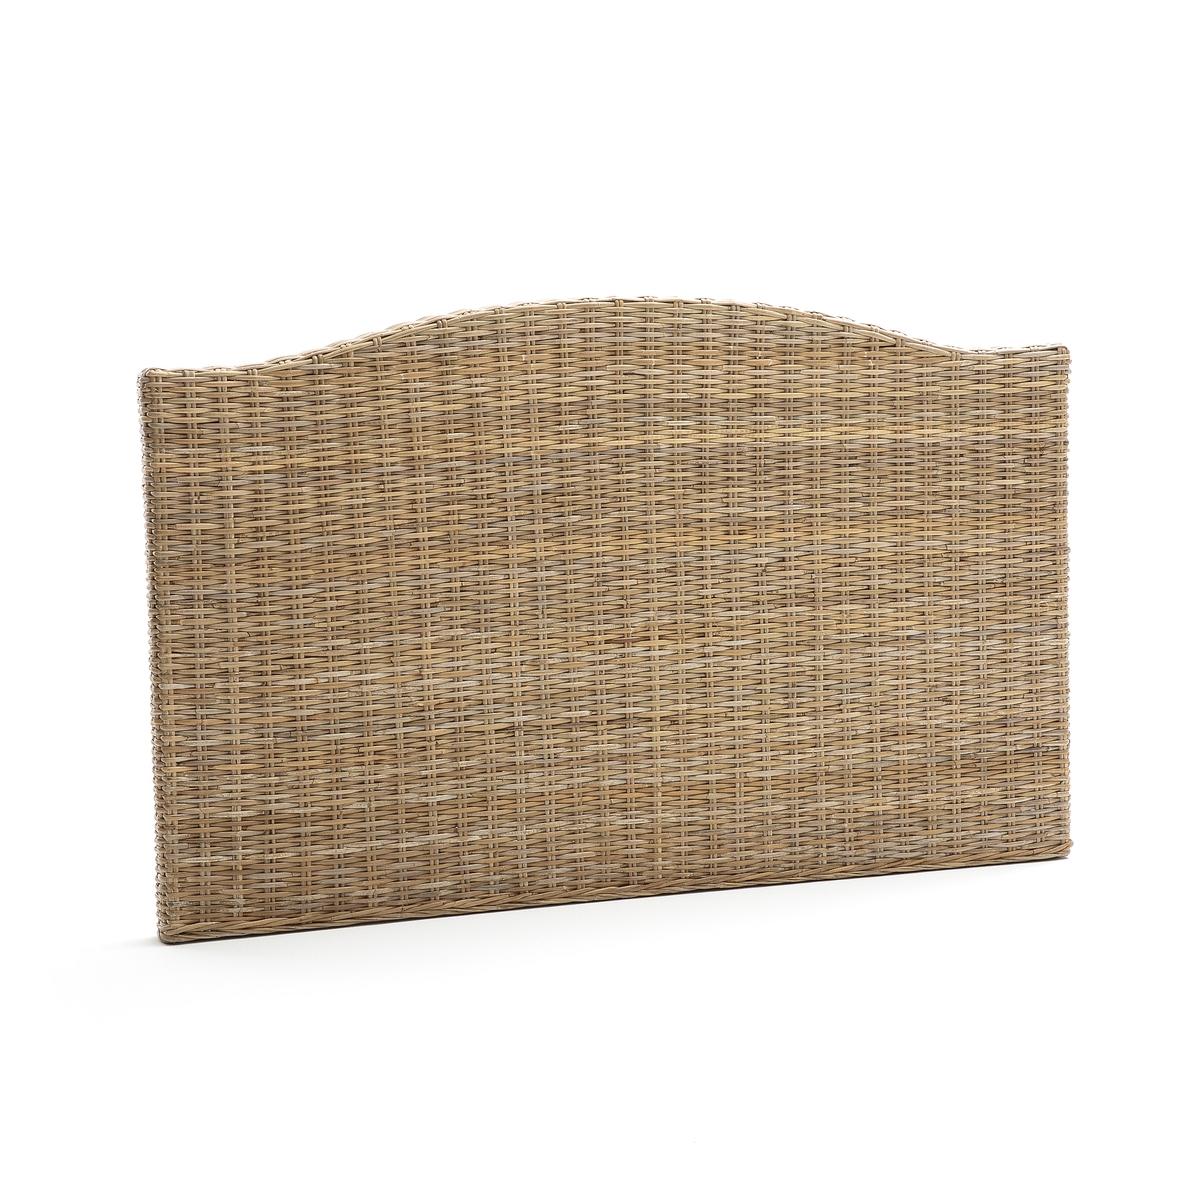 Изголовье LaRedoute 2-спальной кровати из плетеного тростника Malu 160 см бежевый кровати 160 см